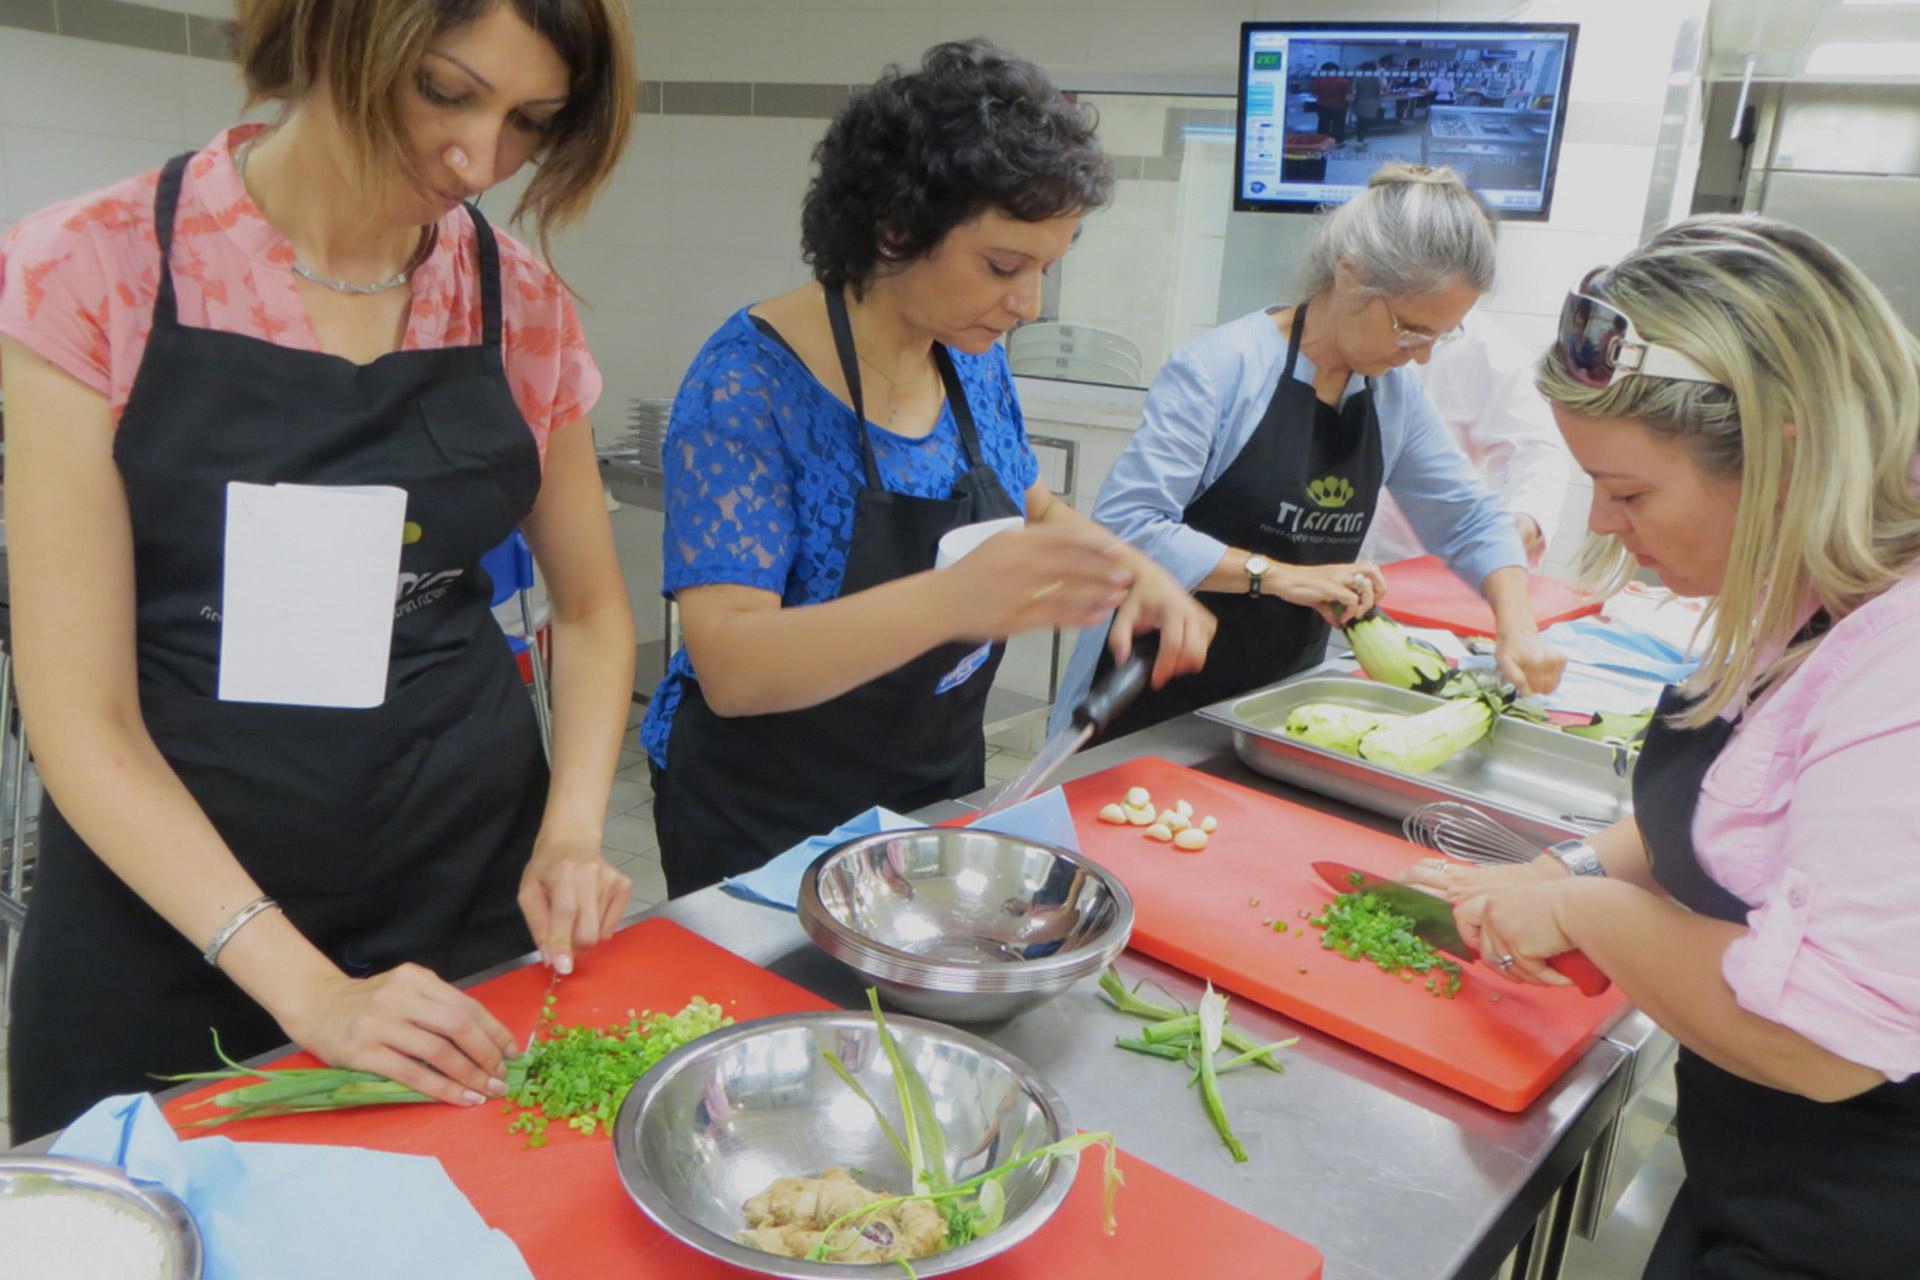 cours de cuisine à domicile ou cours en atelier : avantages et ... - Cours De Cuisine A Domicile